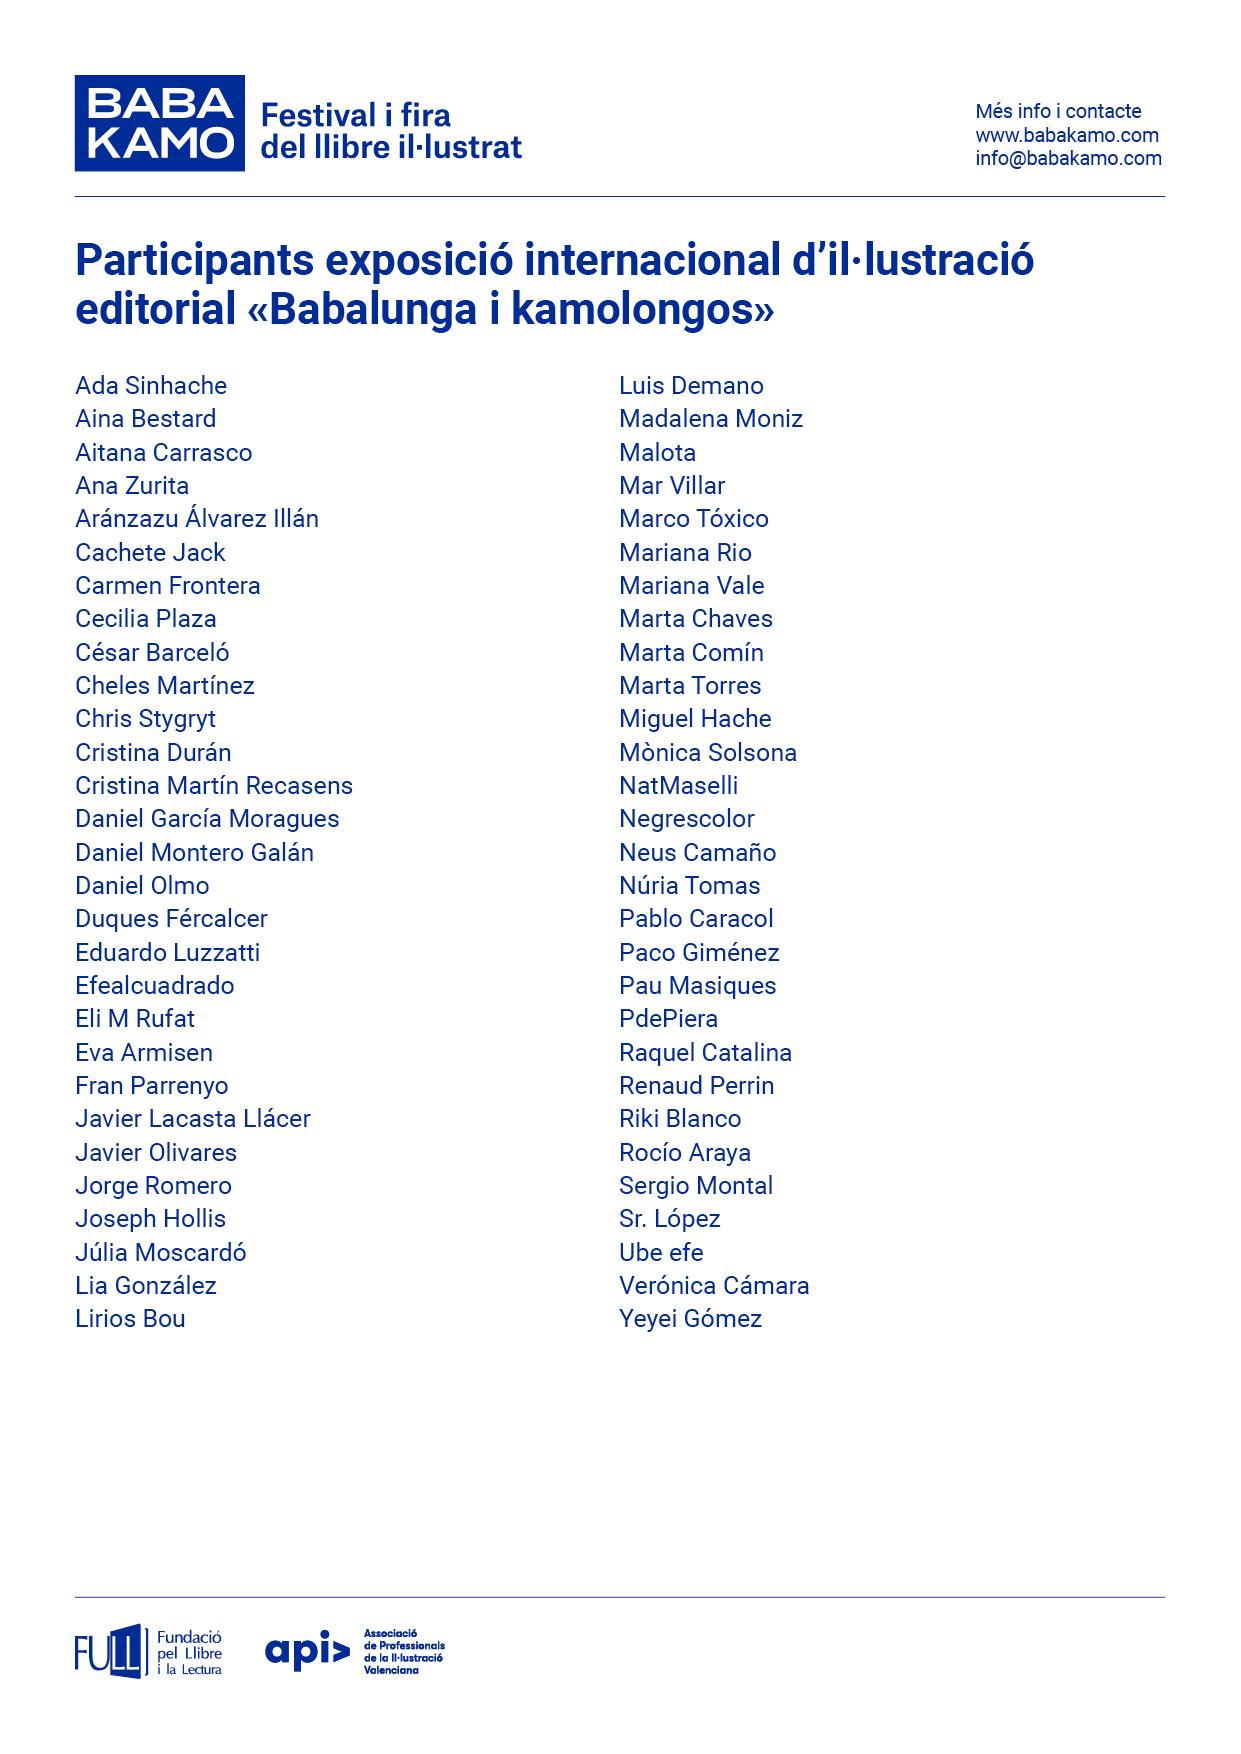 Participants exposició d'il·lustració editorial «Babalunga i Kamolongos»